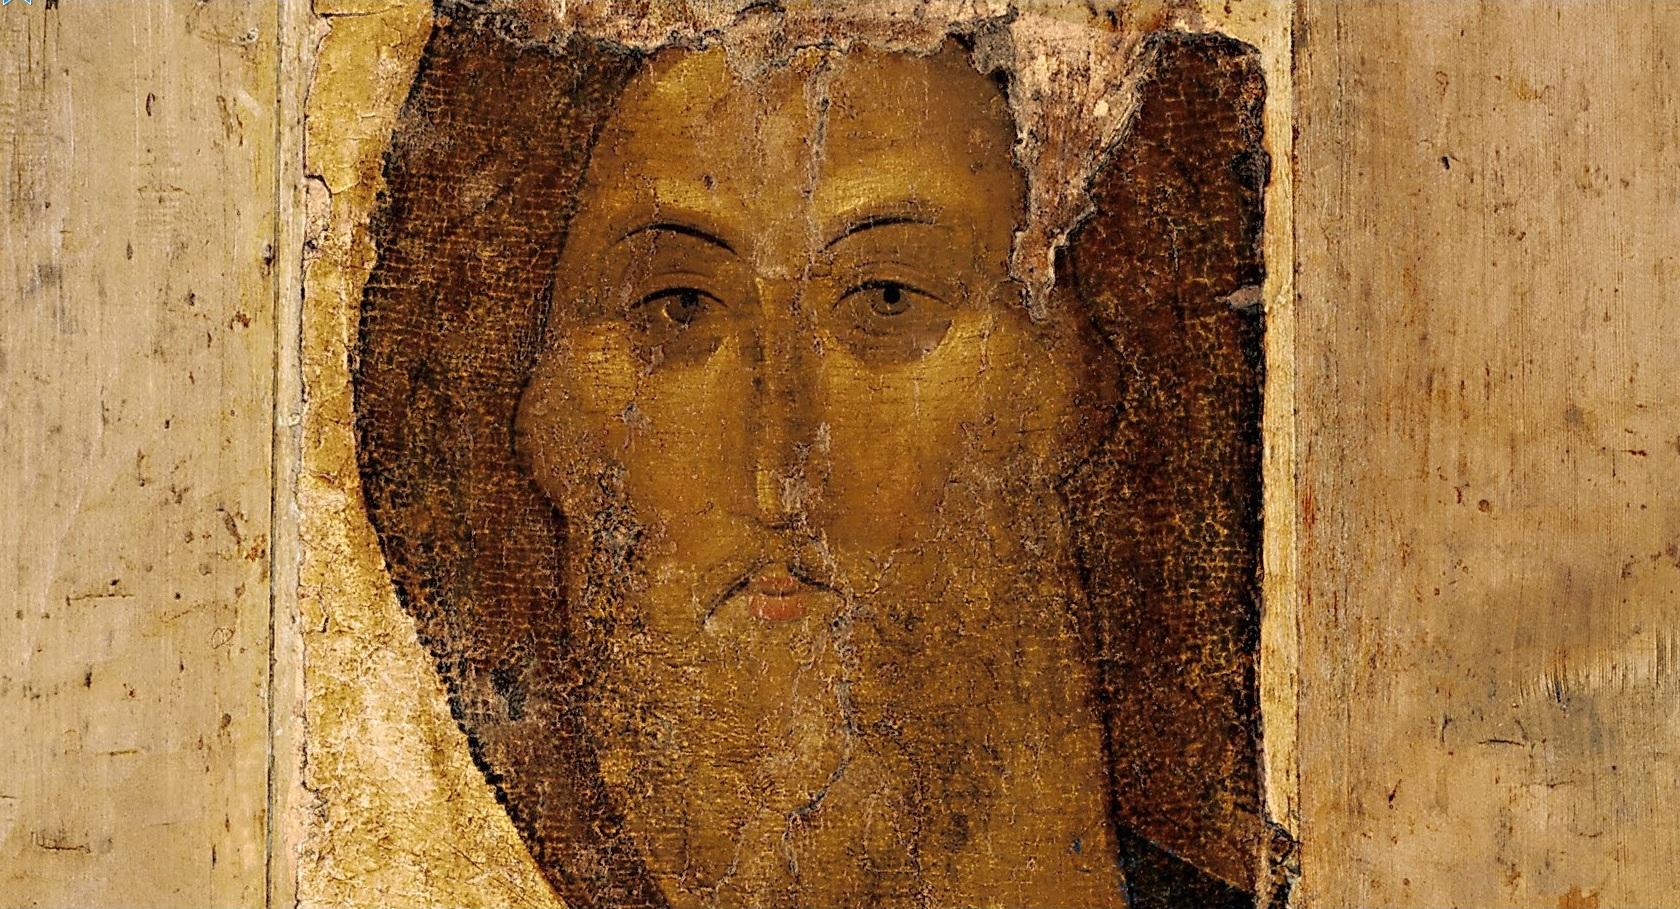 письмо митрополиту образец о прощении